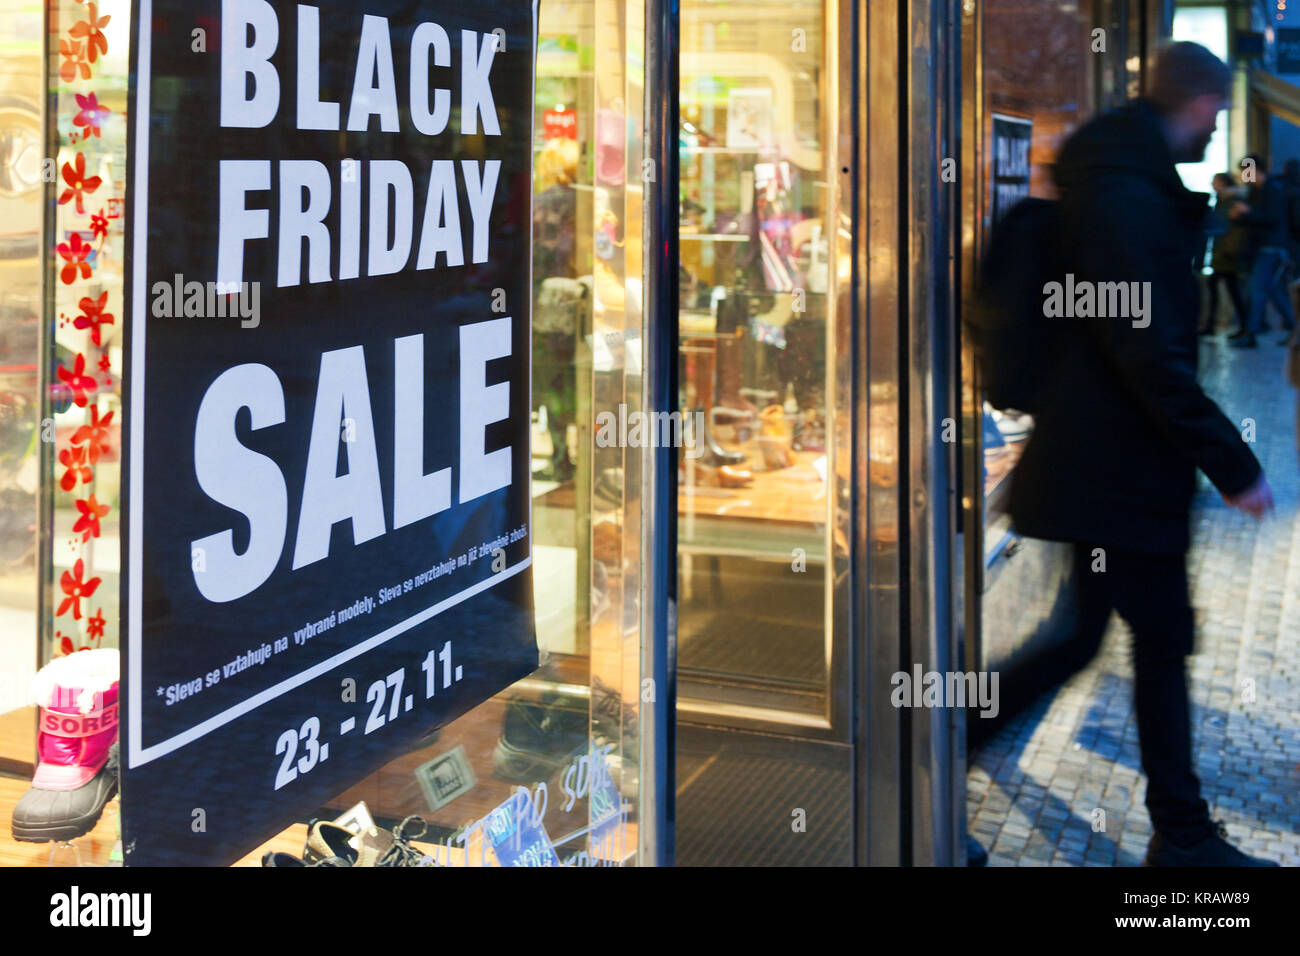 4c5a3d3cfef české nakupování - slevy a výprodej - černý pátek   czech shopping - sale  and discount - black friday